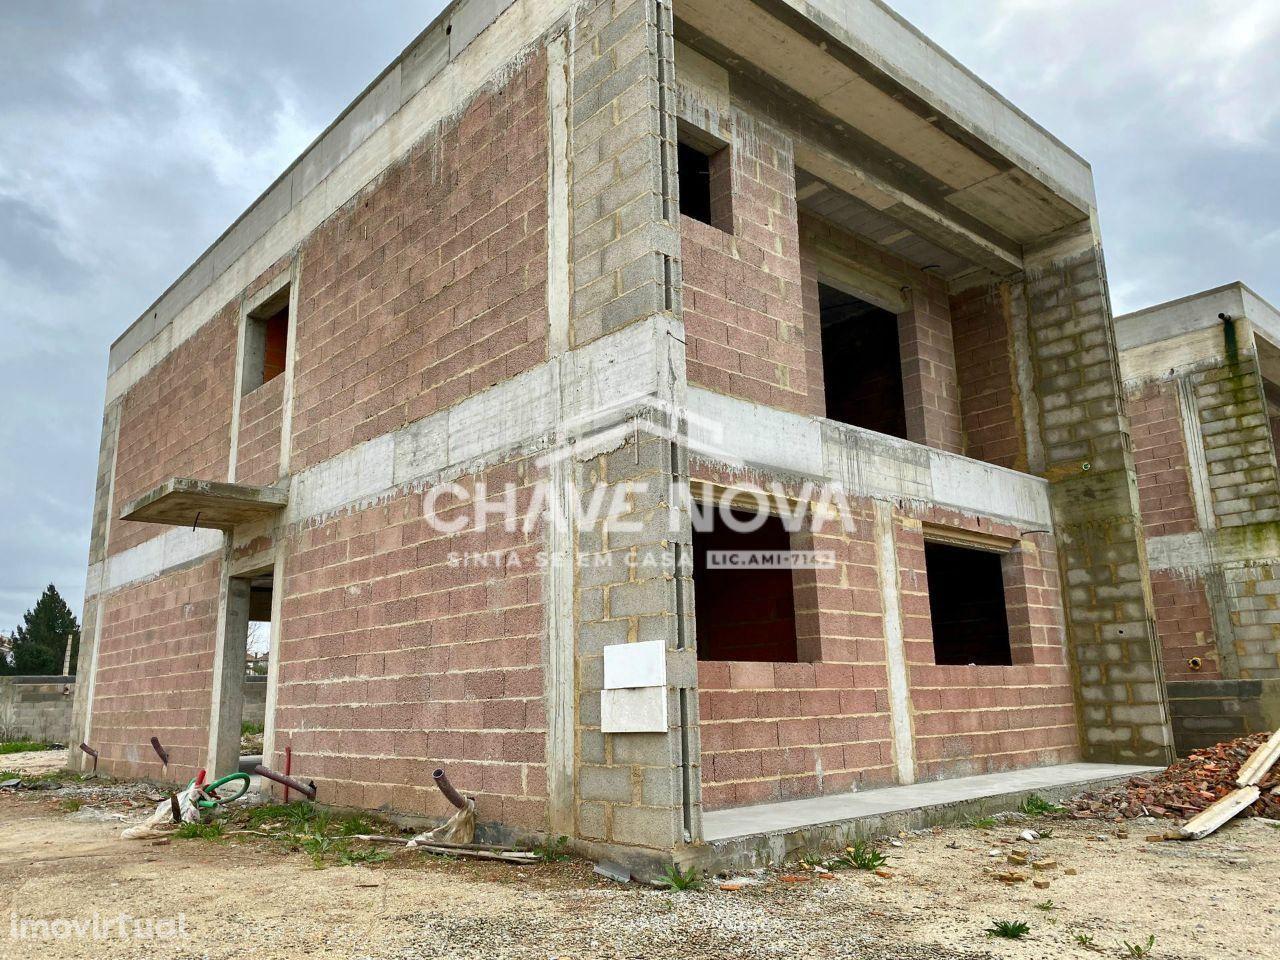 Moradia Geminada de 3 Quartos em construção em Albergaria-a-velha